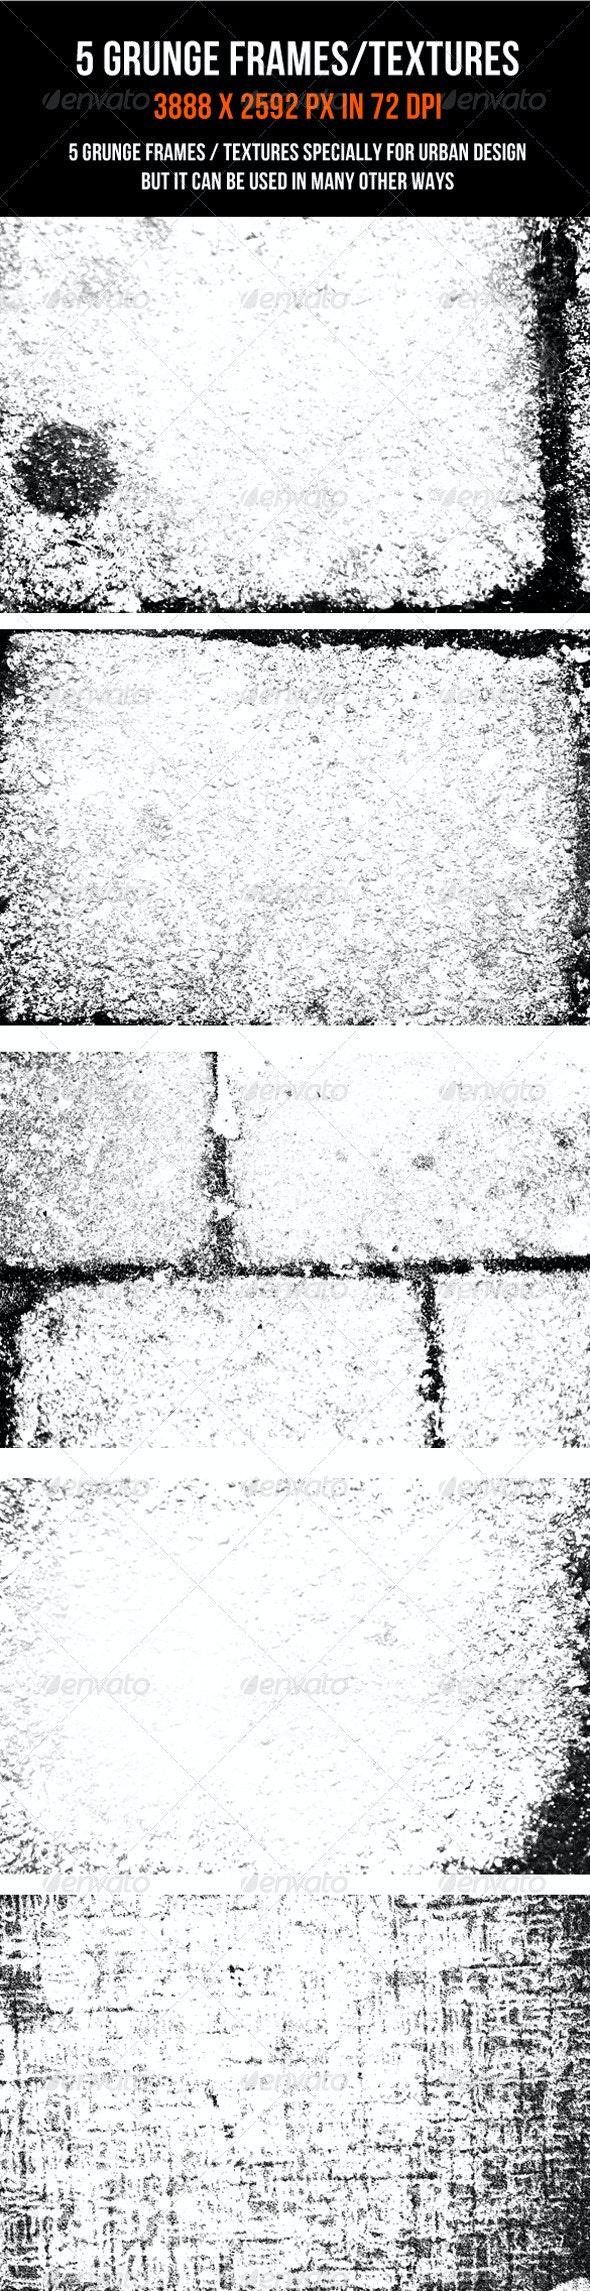 5 Grunge Textures - Industrial / Grunge Textures